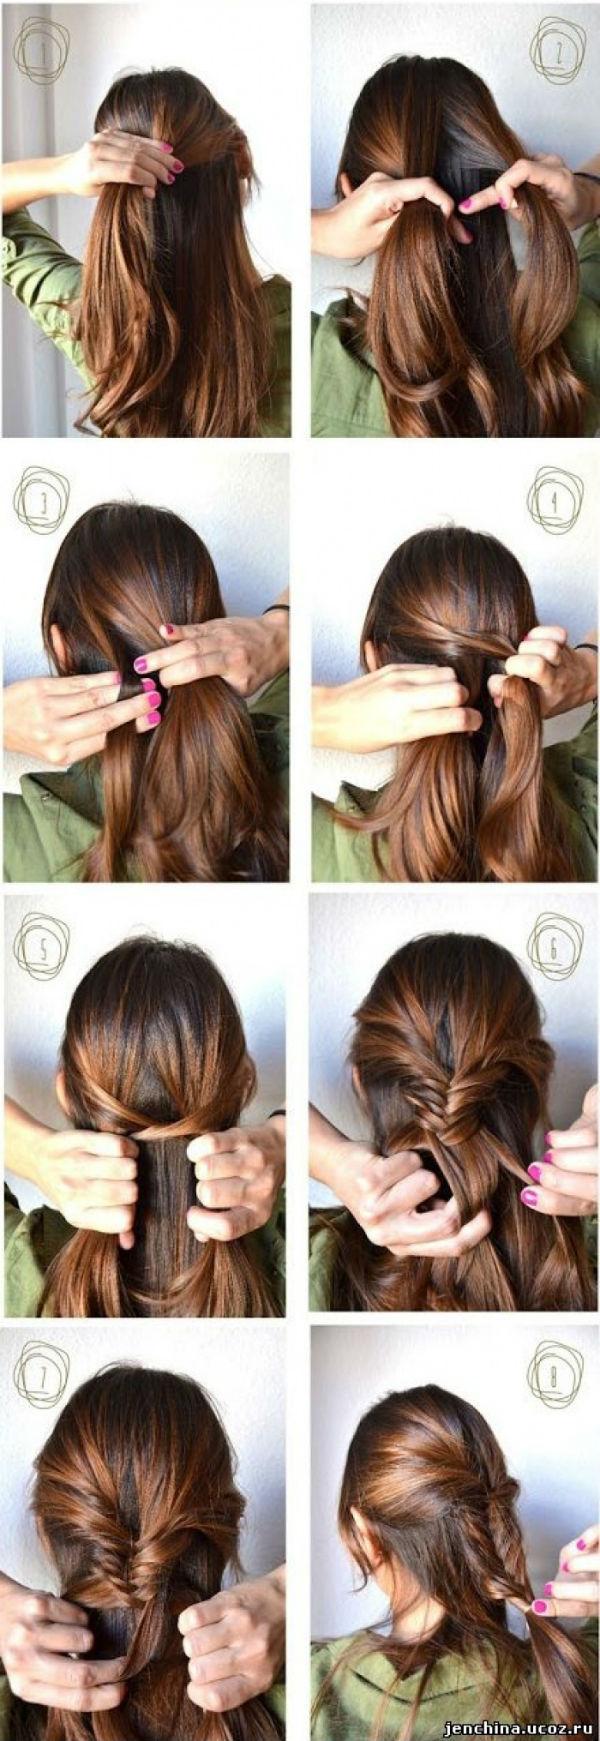 Причёски с косичками простые